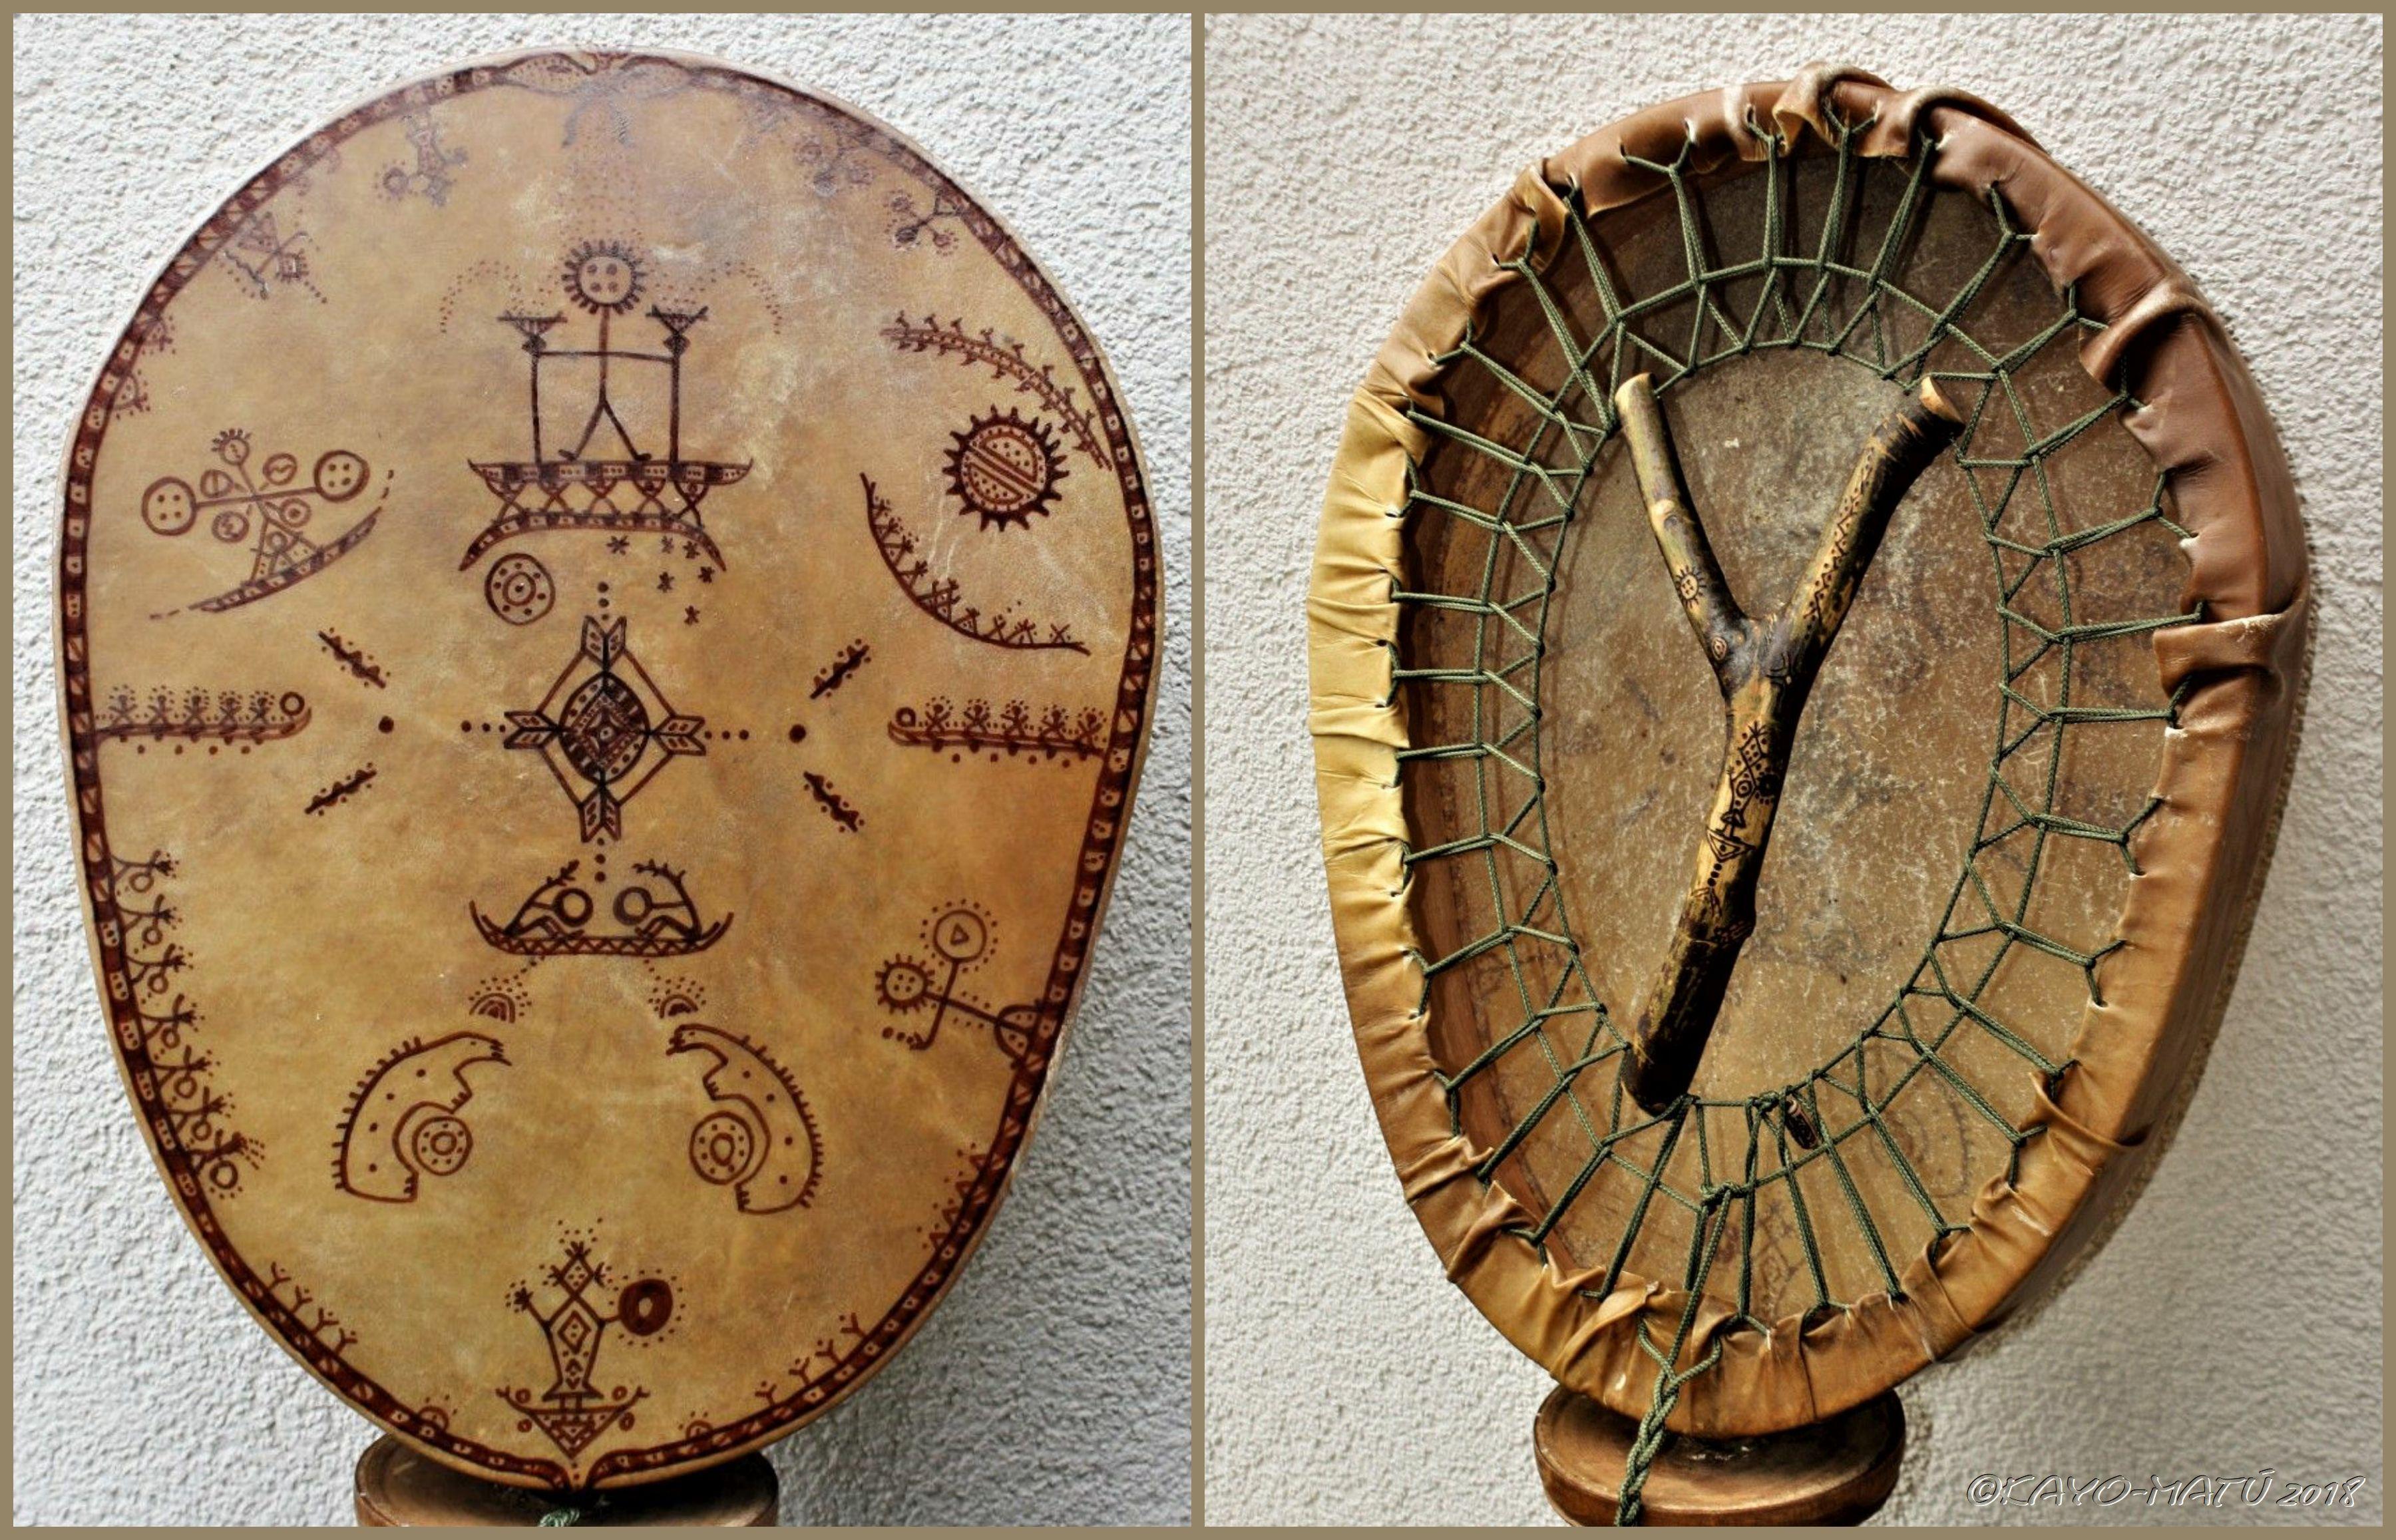 """<em><span style=""""color: #800000;"""">RØNNE BŒMM - Eigene sámisch inspirierte Trommel mit dem typischen Kayo-Matú Astgabel - Spannystem</span></em>"""